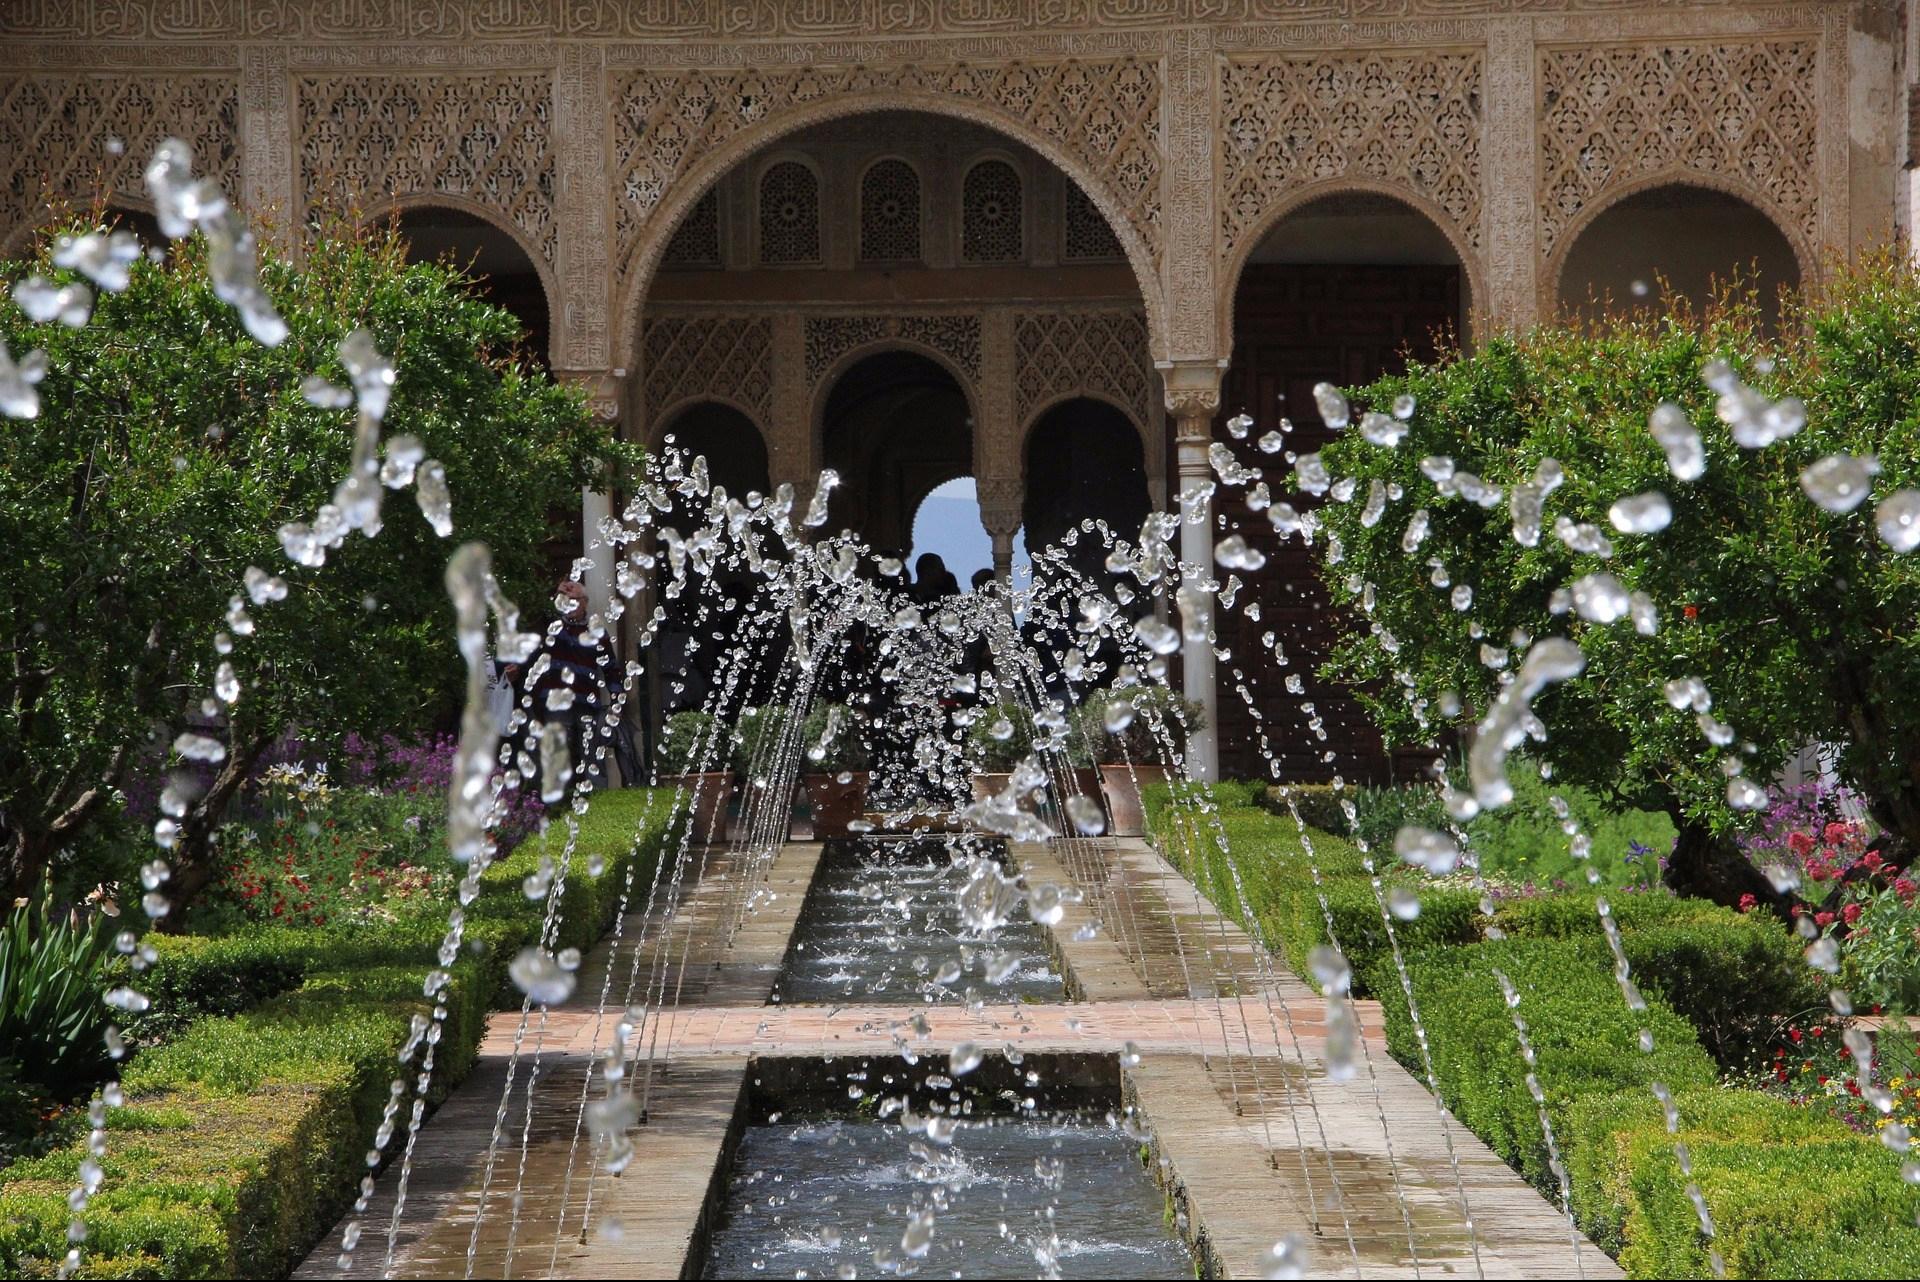 alhambra-777616_1920.jpg